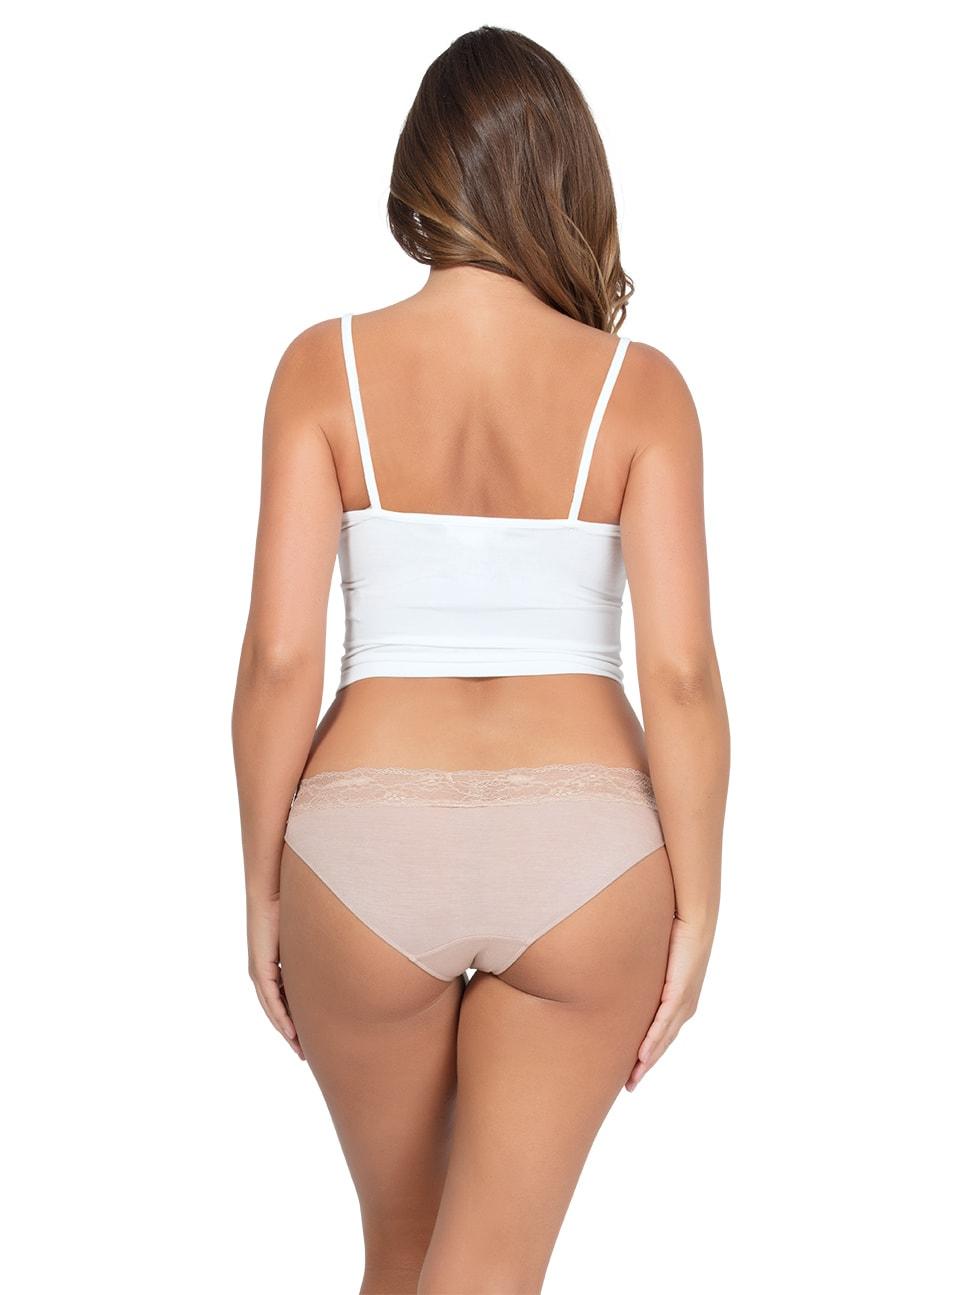 PARFAIT ParfaitPanty SoEssential BikiniPP303 Bare Back2 copy - Panty So Essential Bikini- Bare - PP303